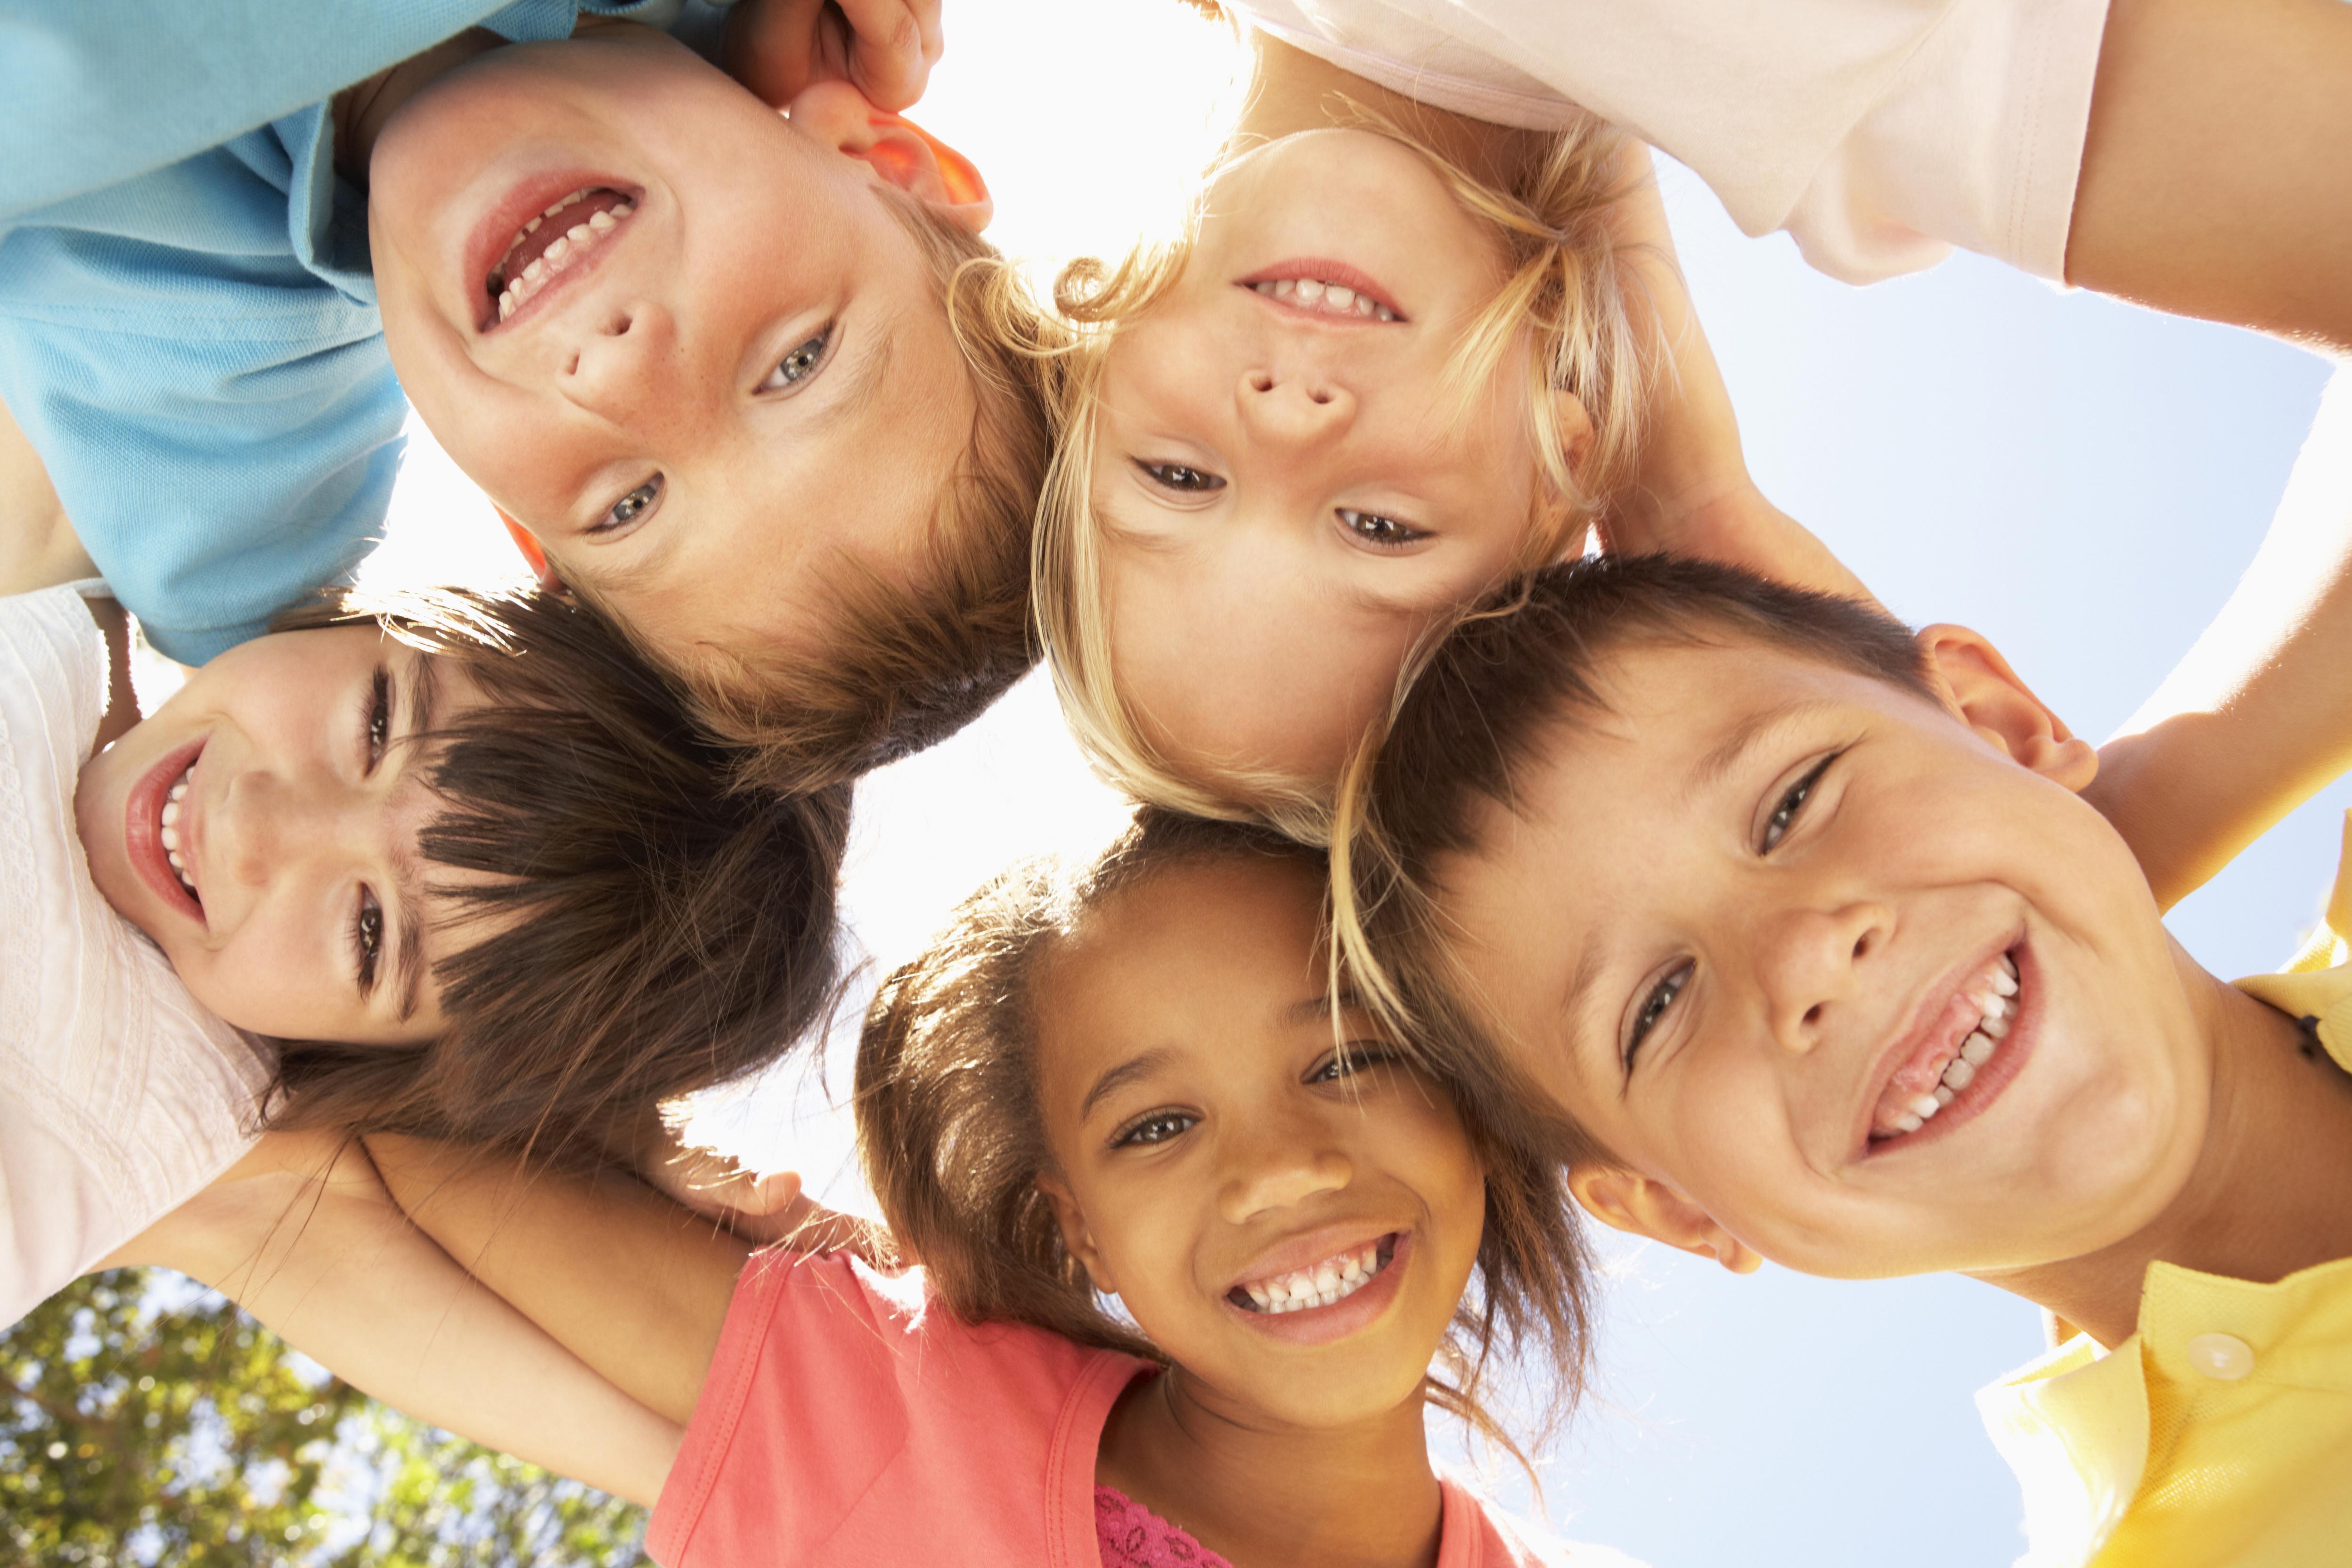 I studien lät forskare undersöka hur hur olika sinnesstämningar sprider sig bland barn och ungdomar och det visade sig att gott humör smittar.